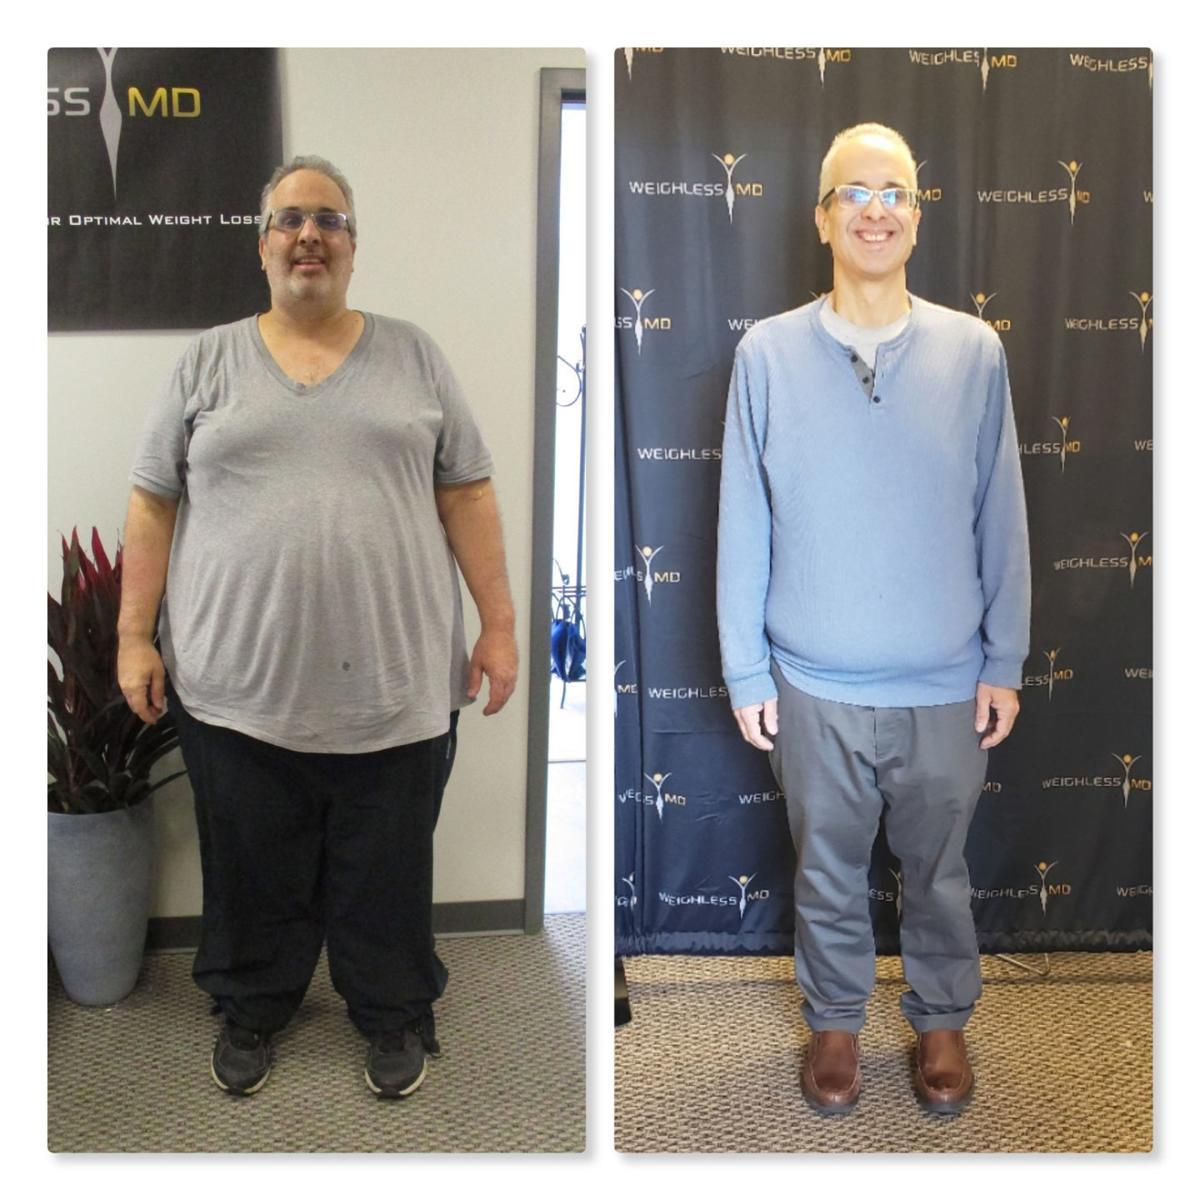 Truttschel weight loss pic